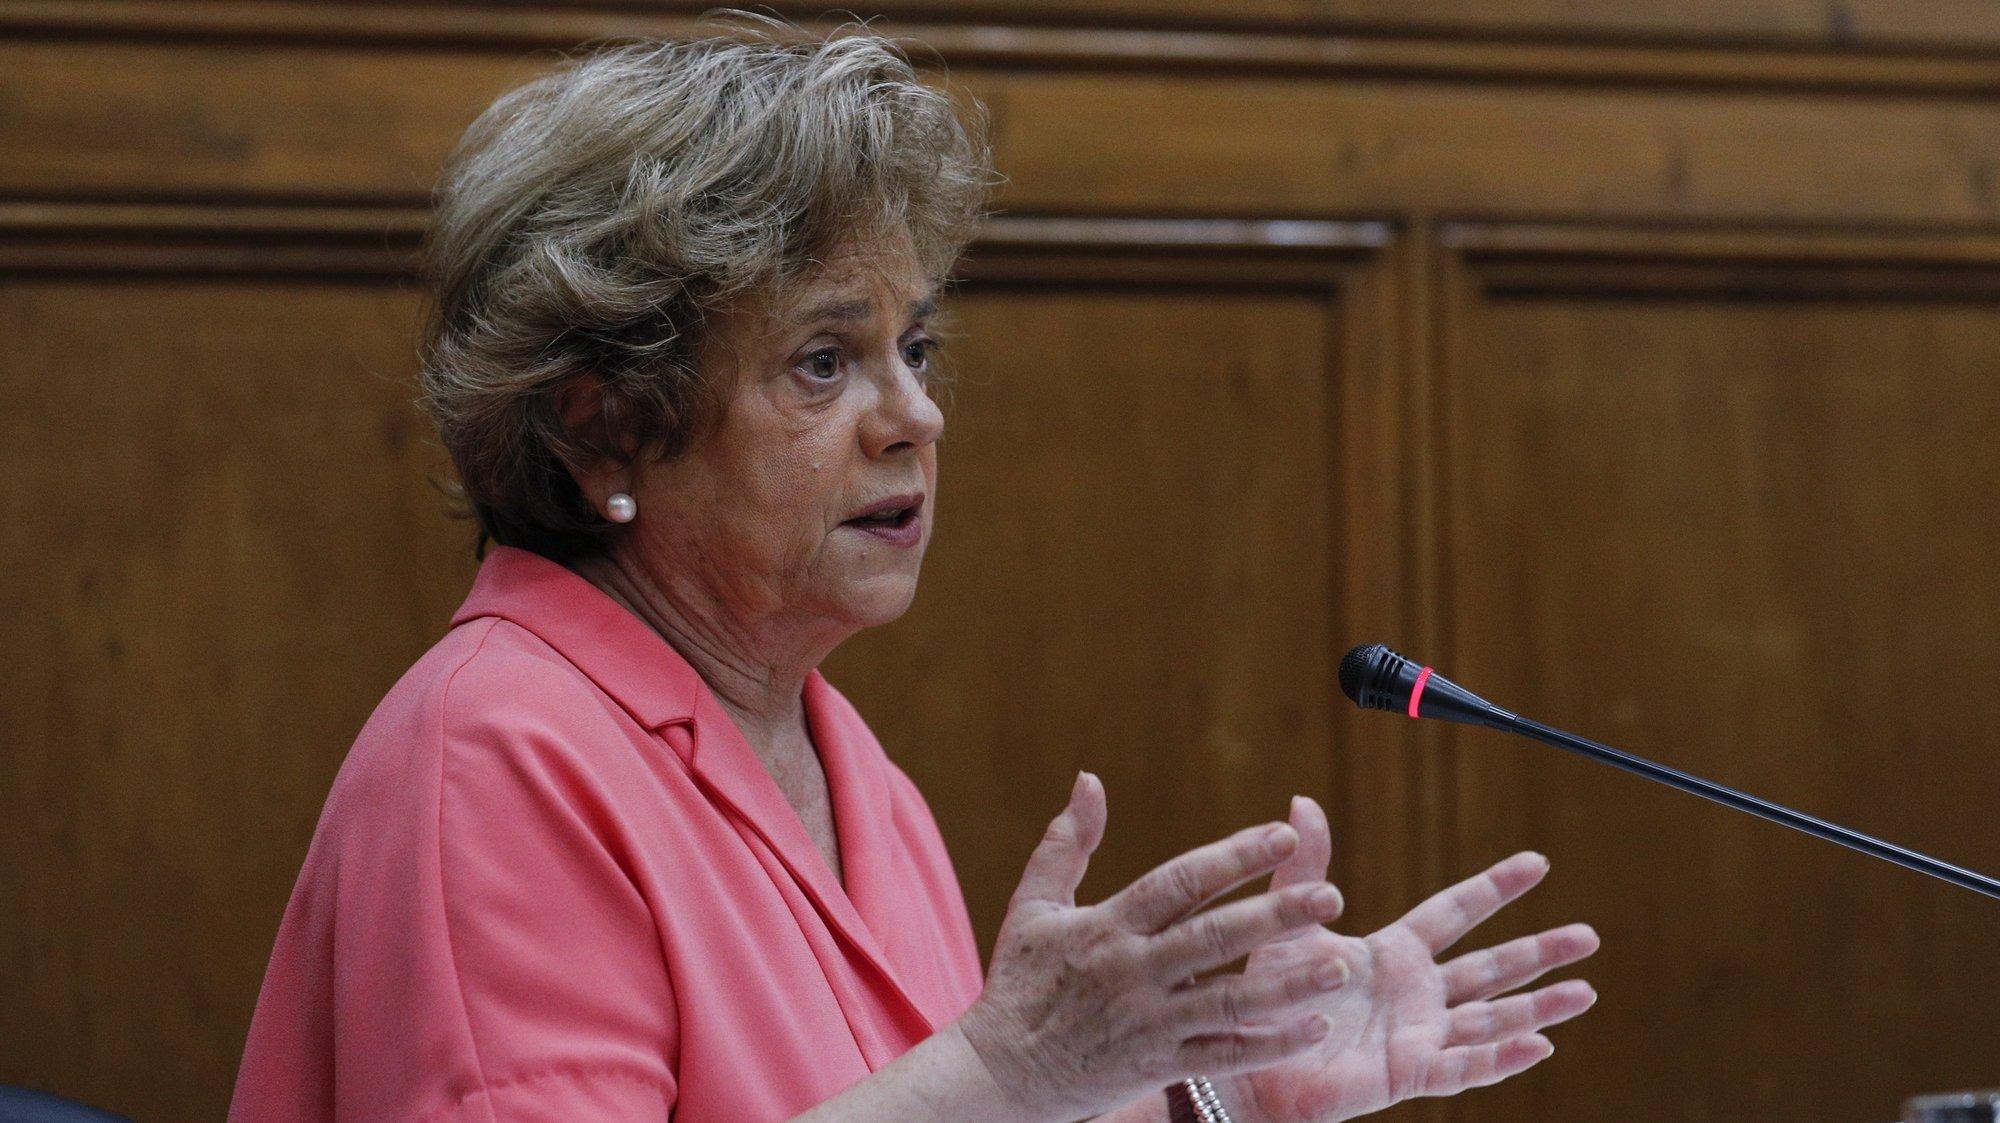 A provedora de Justiça, Maria Lúcia Amaral, durante a audição perante a Comissão de Administração Pública, Modernização Administrativa, Descentralização e Poder Local, na Assembleia da República, em Lisboa, 23 de junho de 2021. ANTÓNIO COTRIM/LUSA